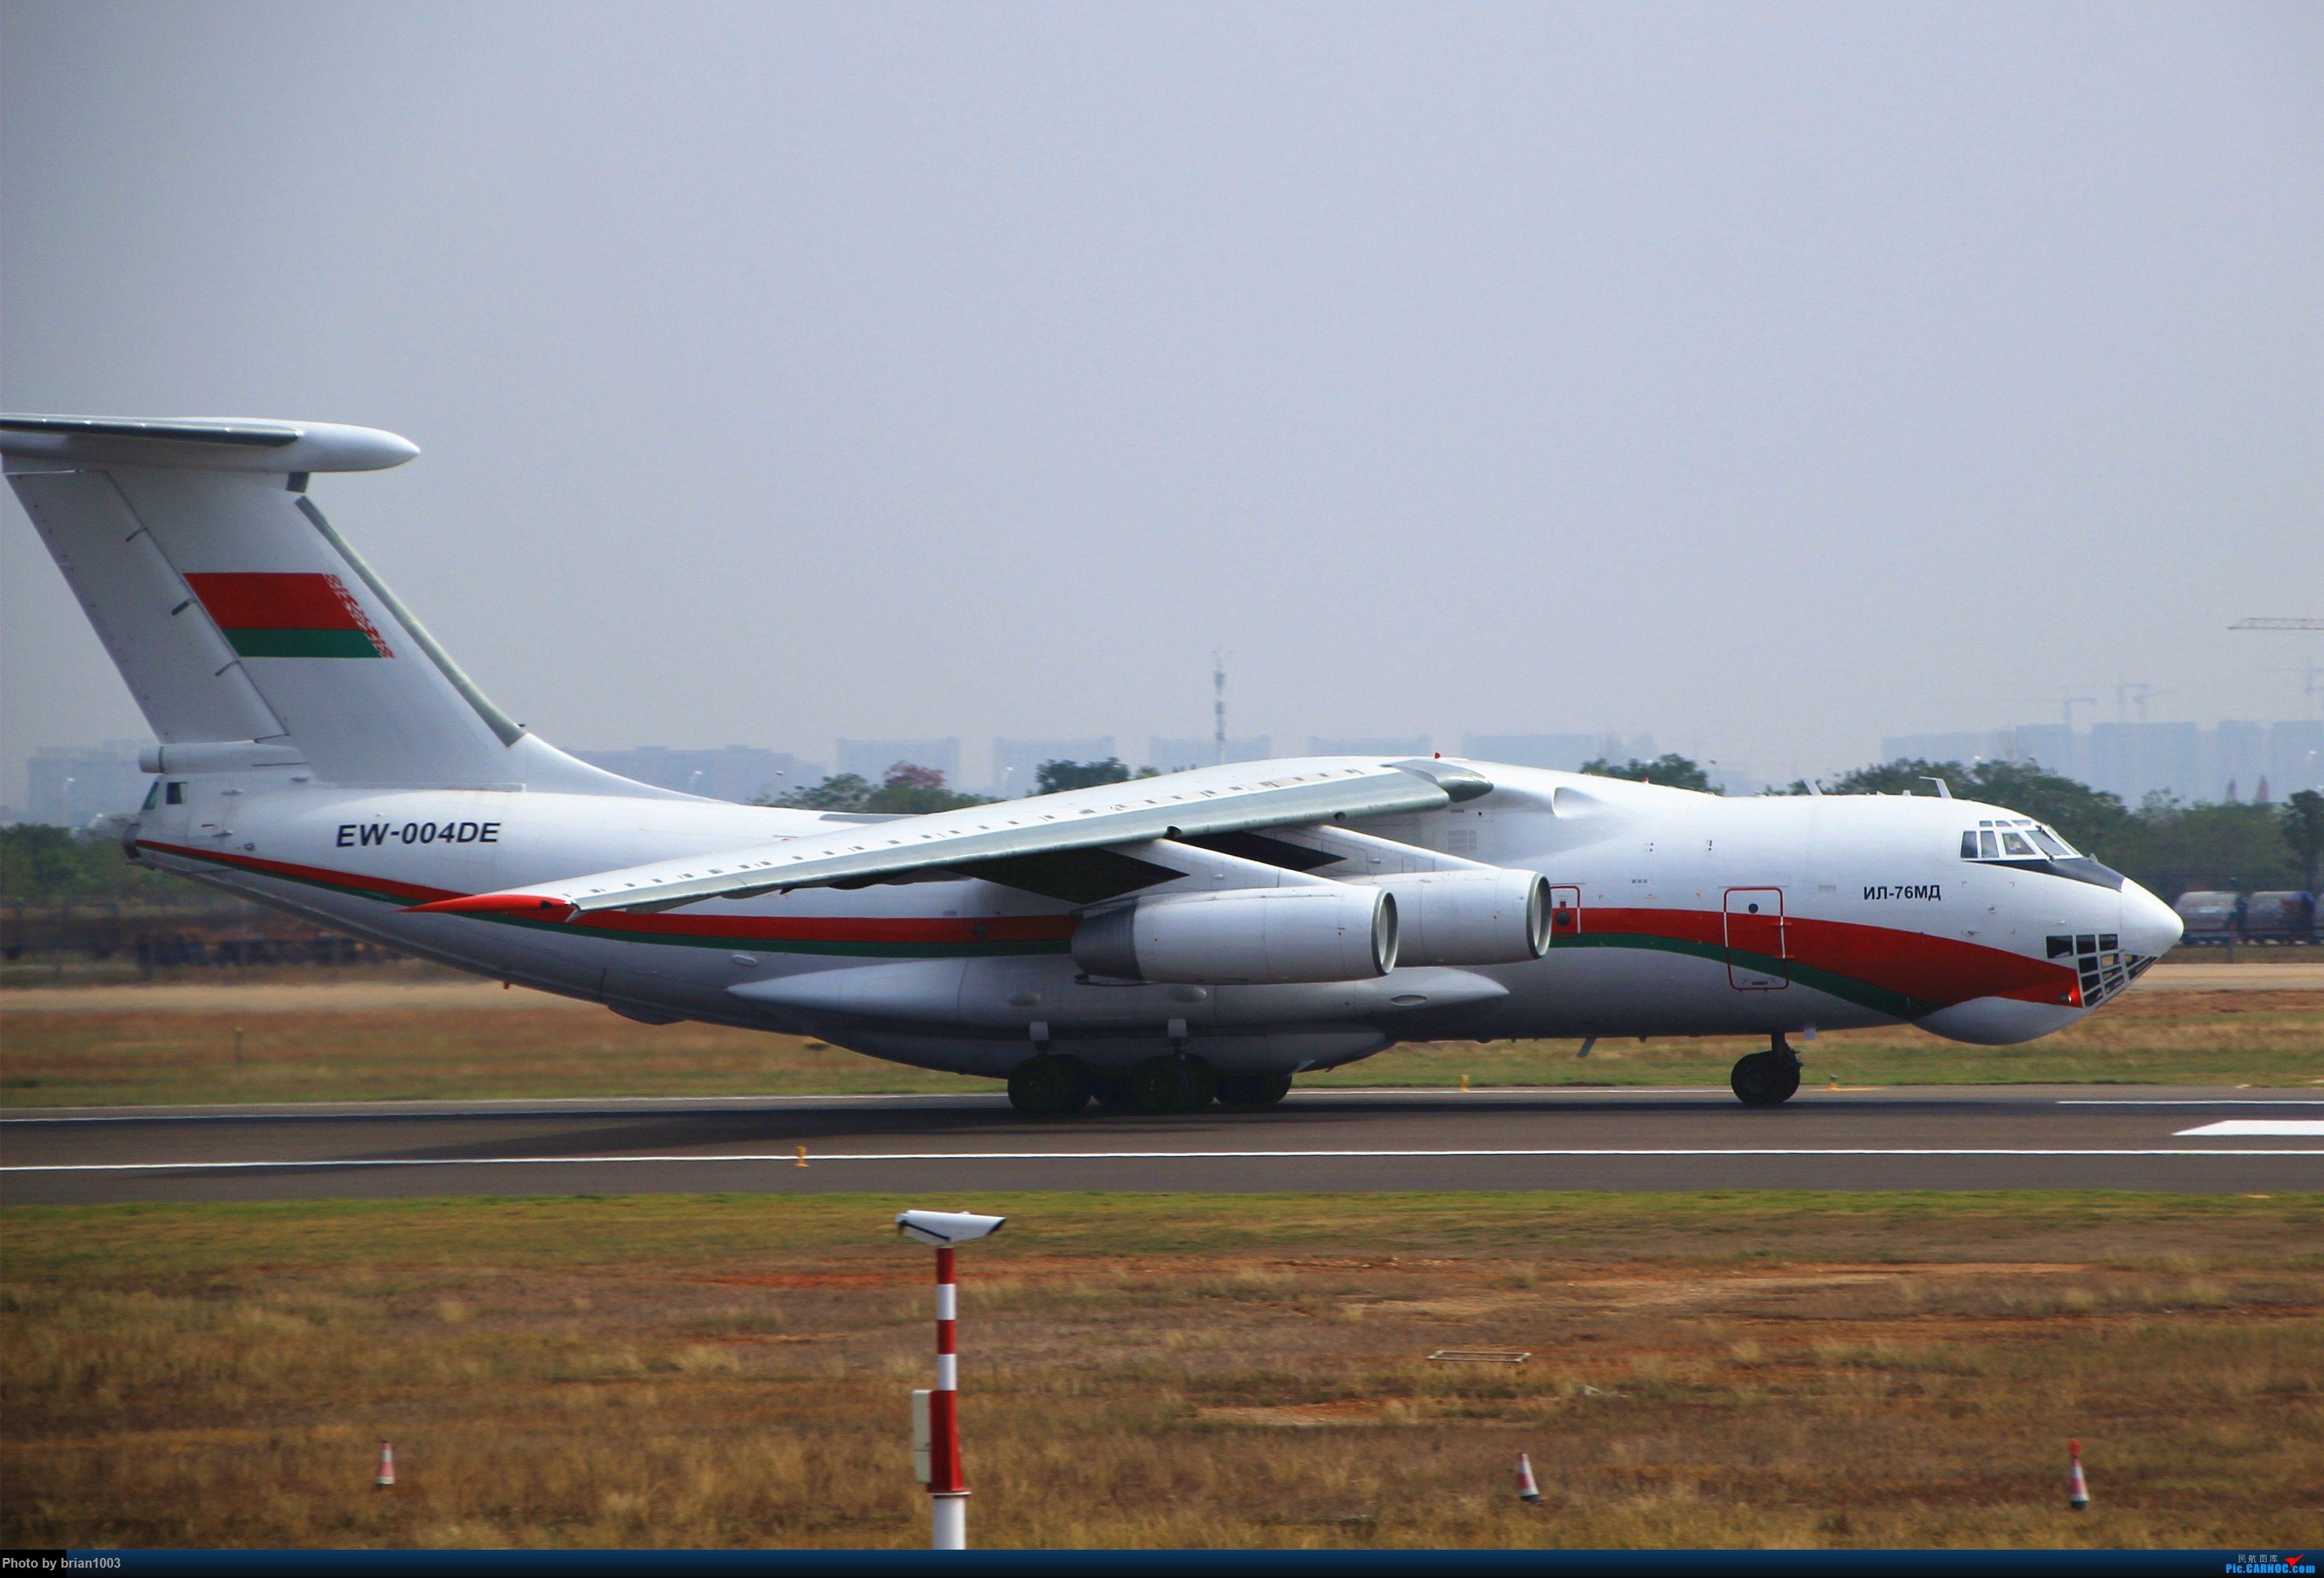 """Re:[原创]WUH武汉天河机场拍机之""""彩蛋""""满满的十月(更新至10月27日的763) ILYUSHIN IL-76 EW-004DE 中国武汉天河国际机场"""